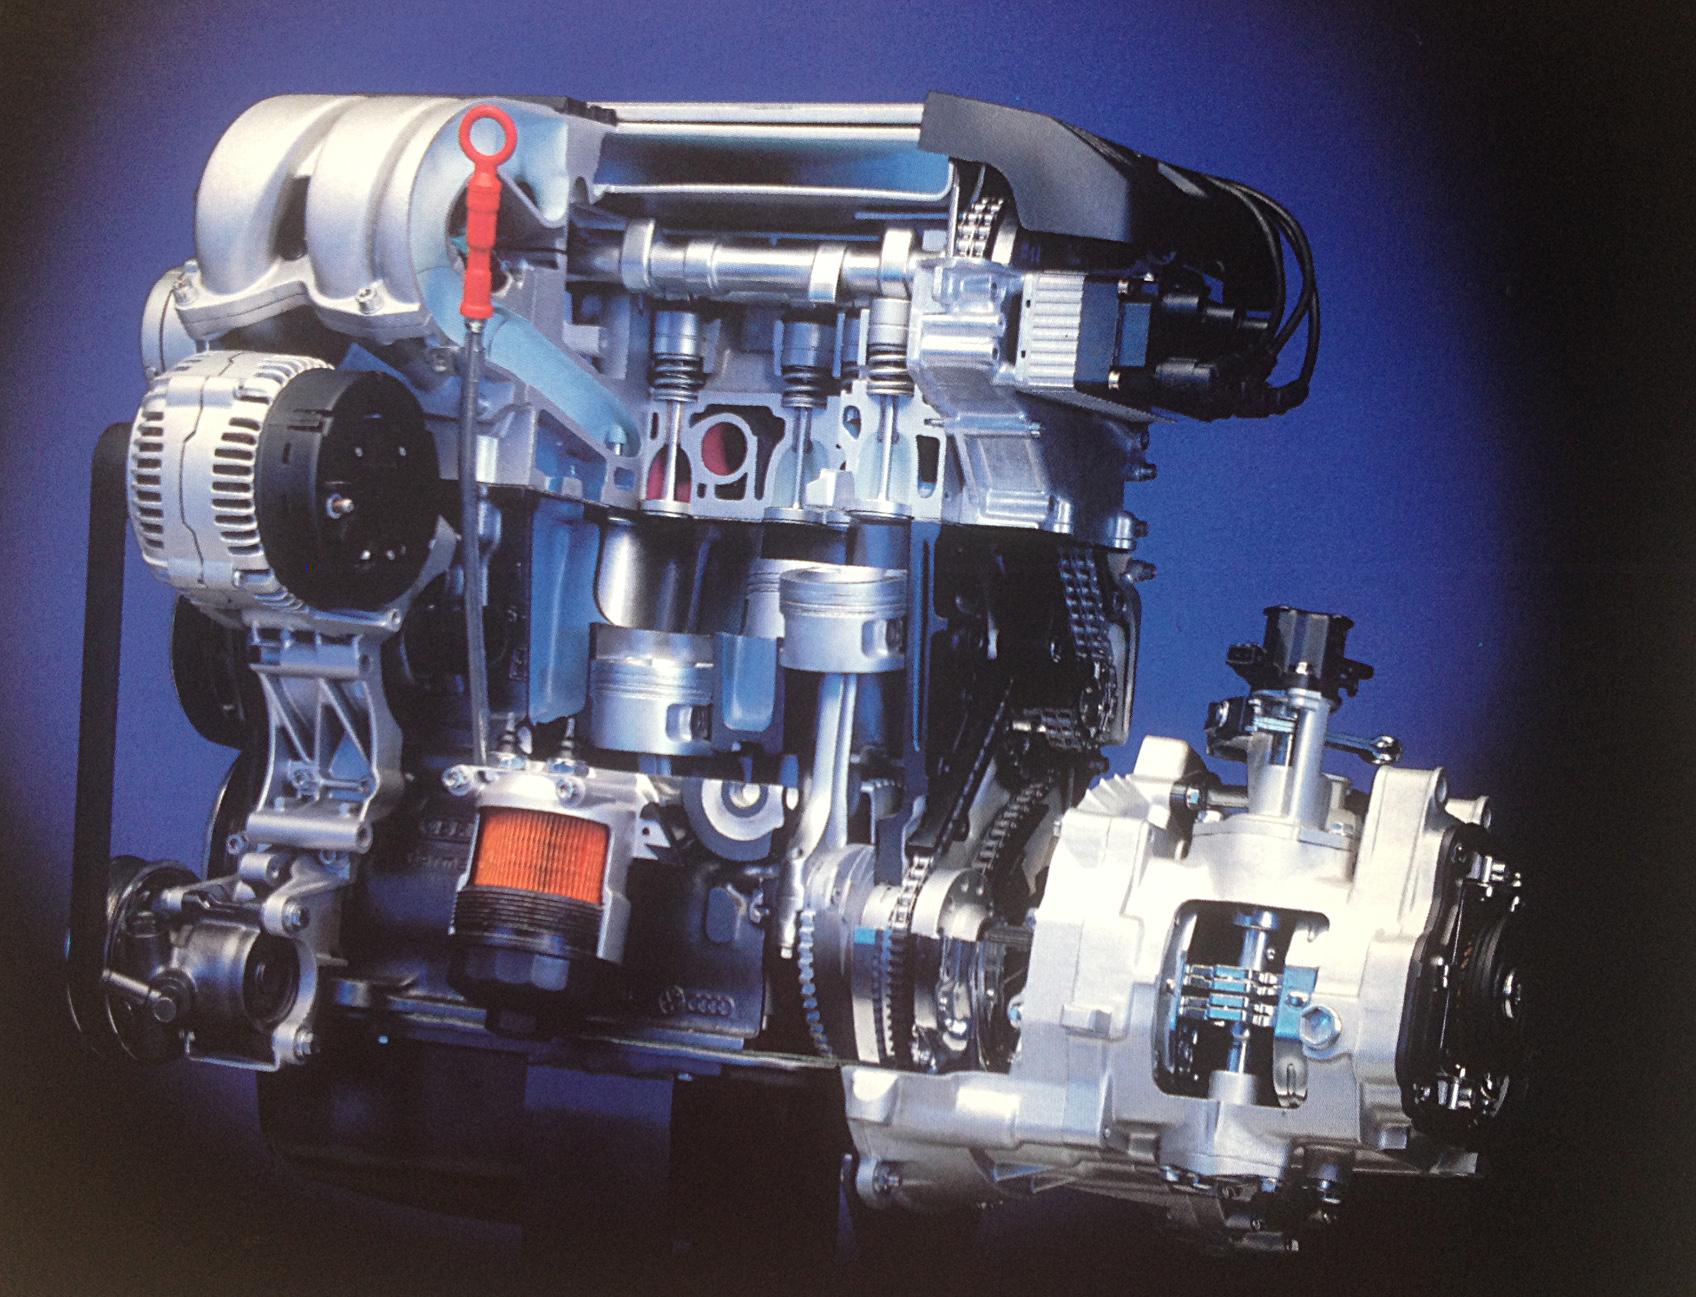 VW's V5 and VR6 engines - VW Heritage Blog